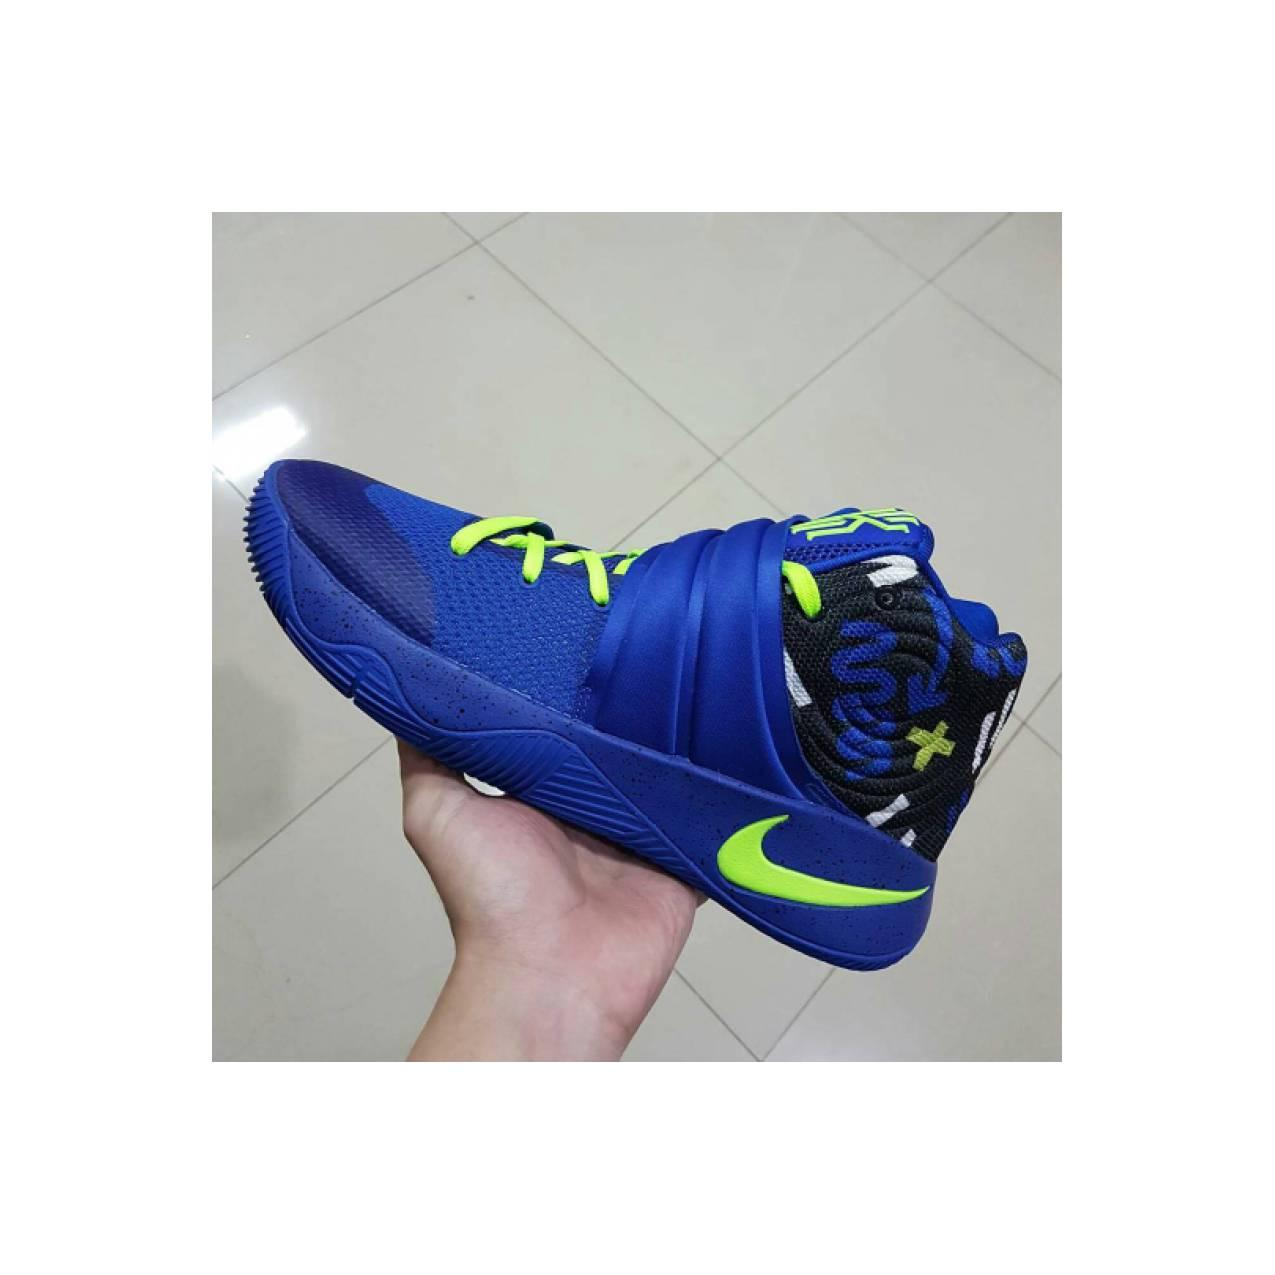 Sepatu Basket Nike Kyrie 2 Blue Biru Premium Original / Air Jordan